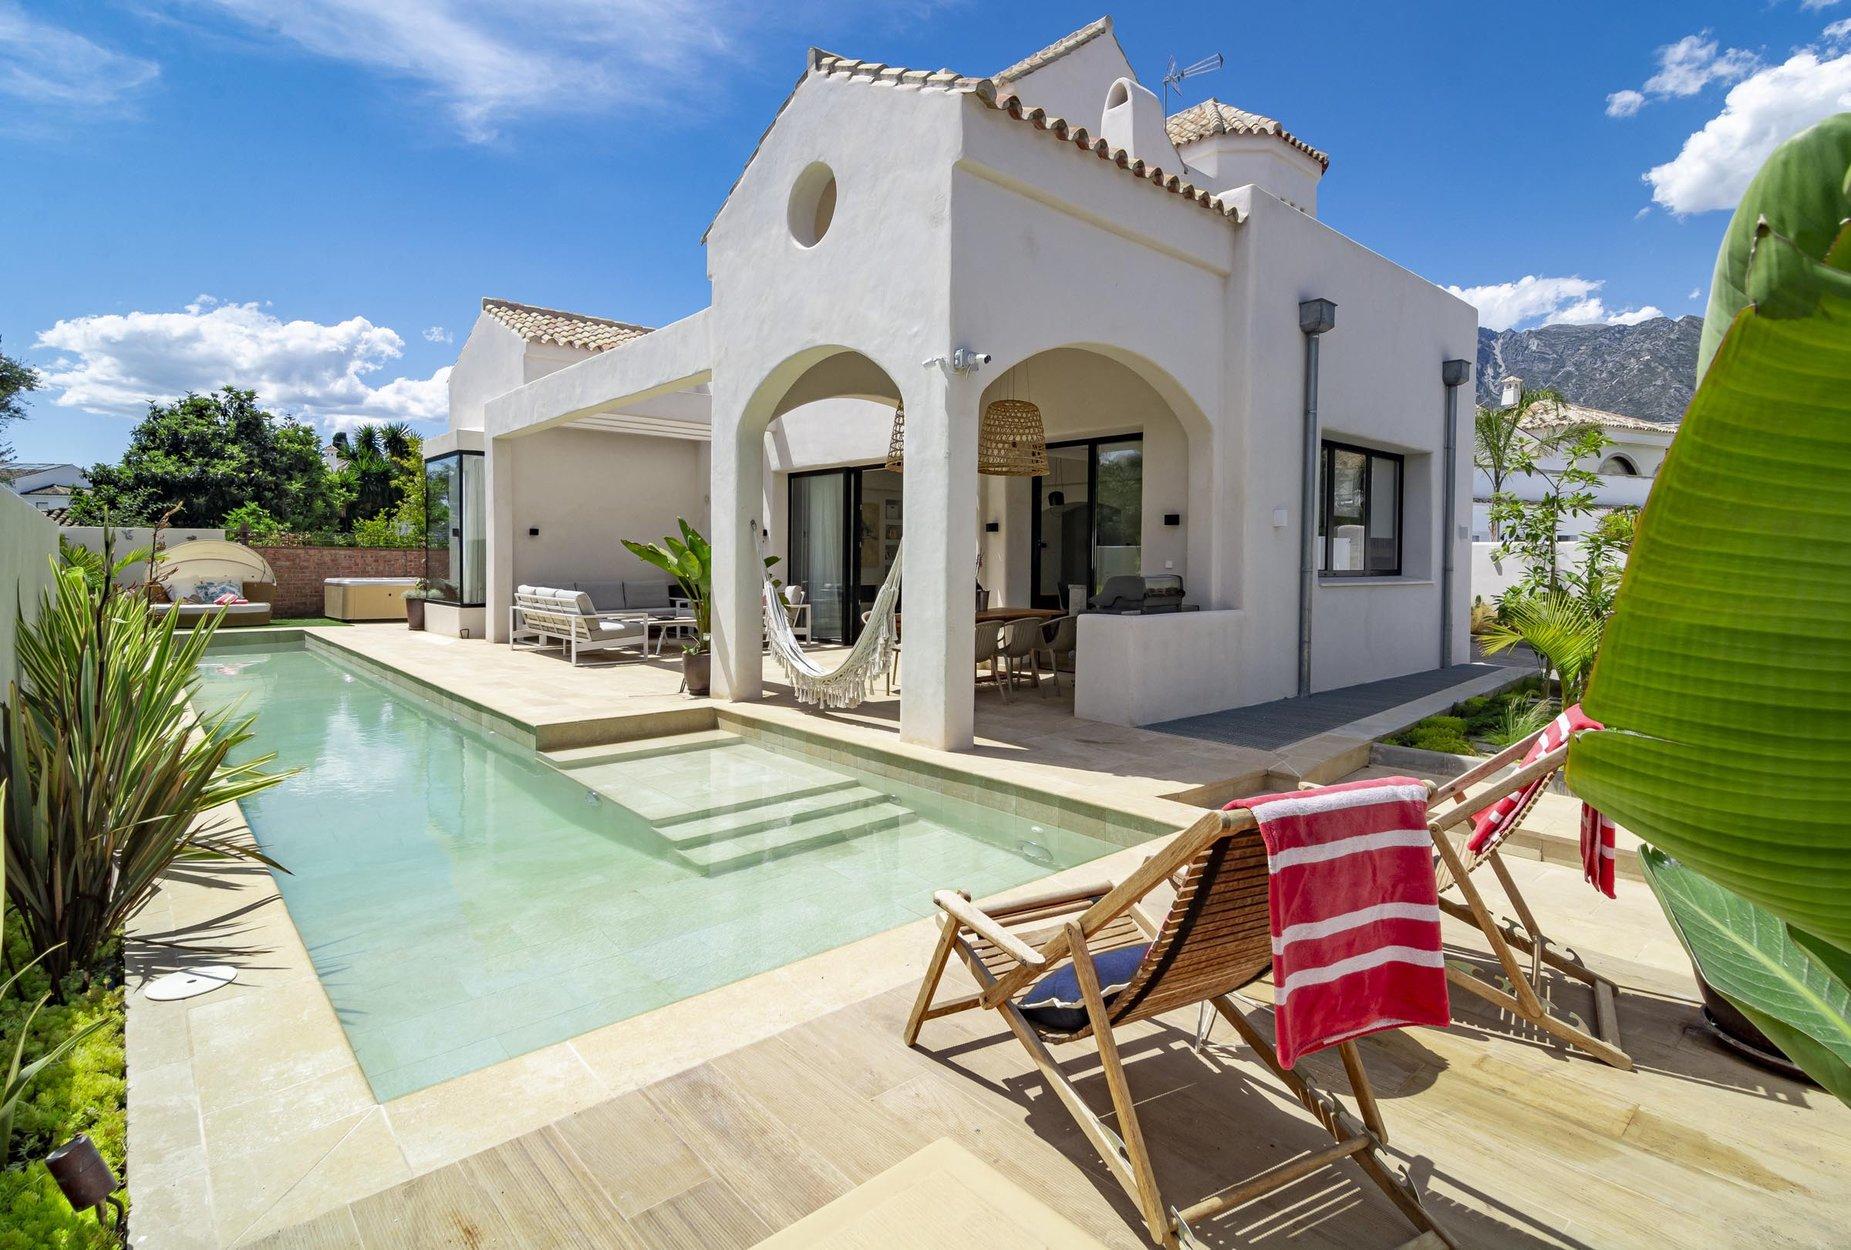 Villa for rent in Marbella, Casablanca